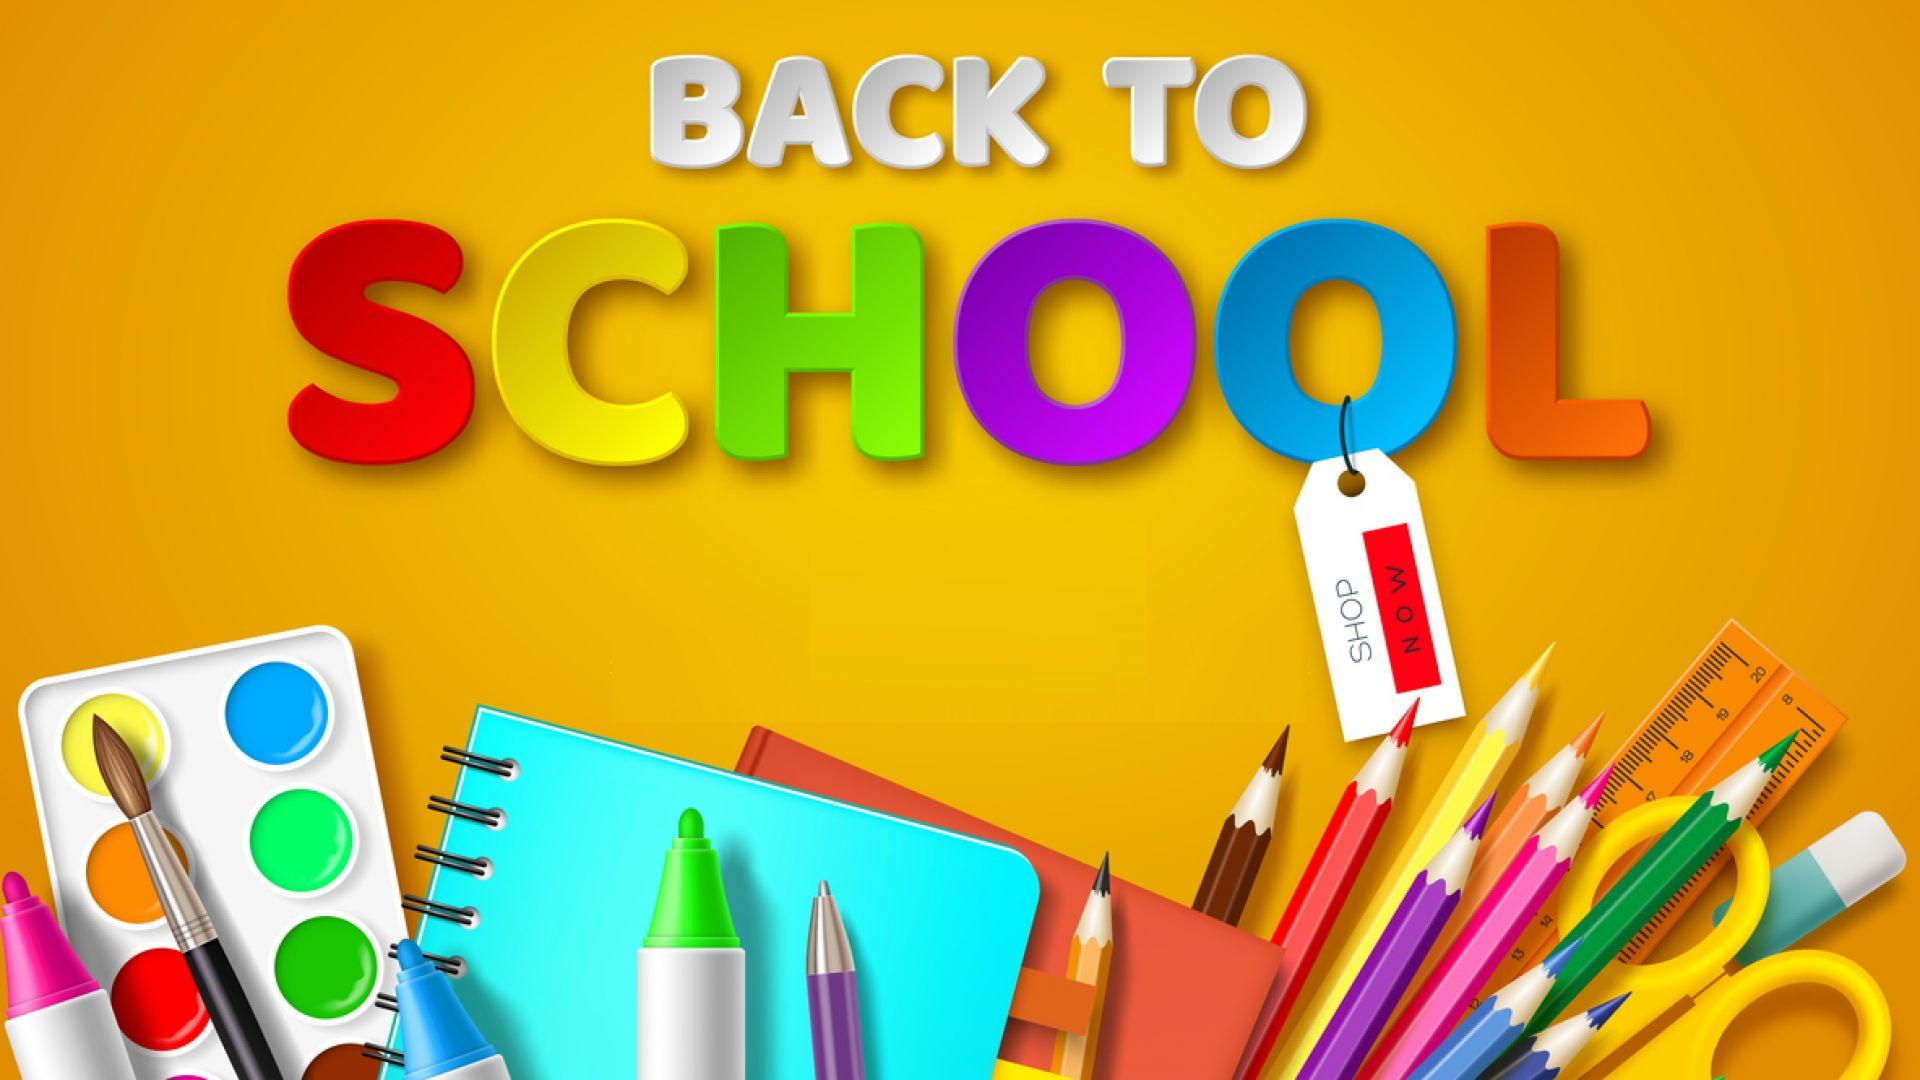 Обратно към училищните оферти 2021 – Вземи най-евтиният Windows 10 и офис пакет от $ 6 на Godeal24